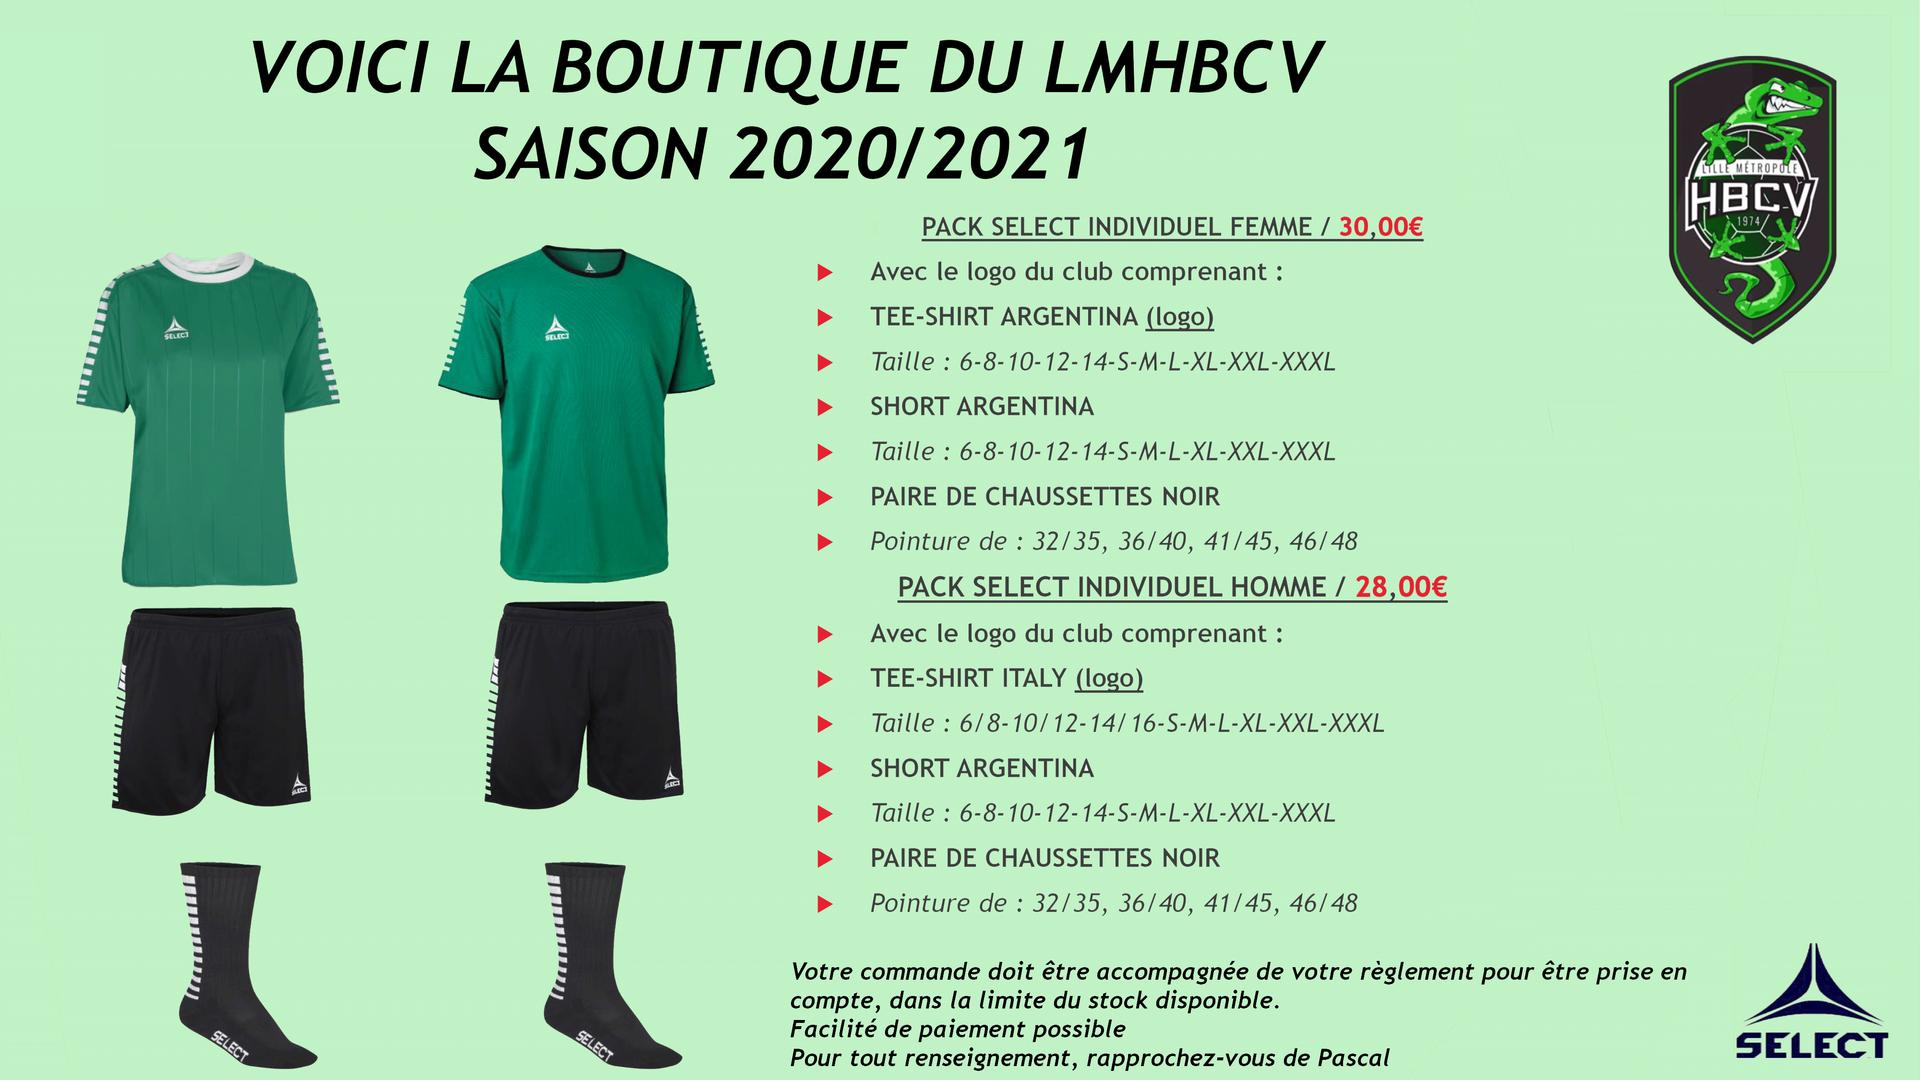 Boutique-LMHBCV-P3.png